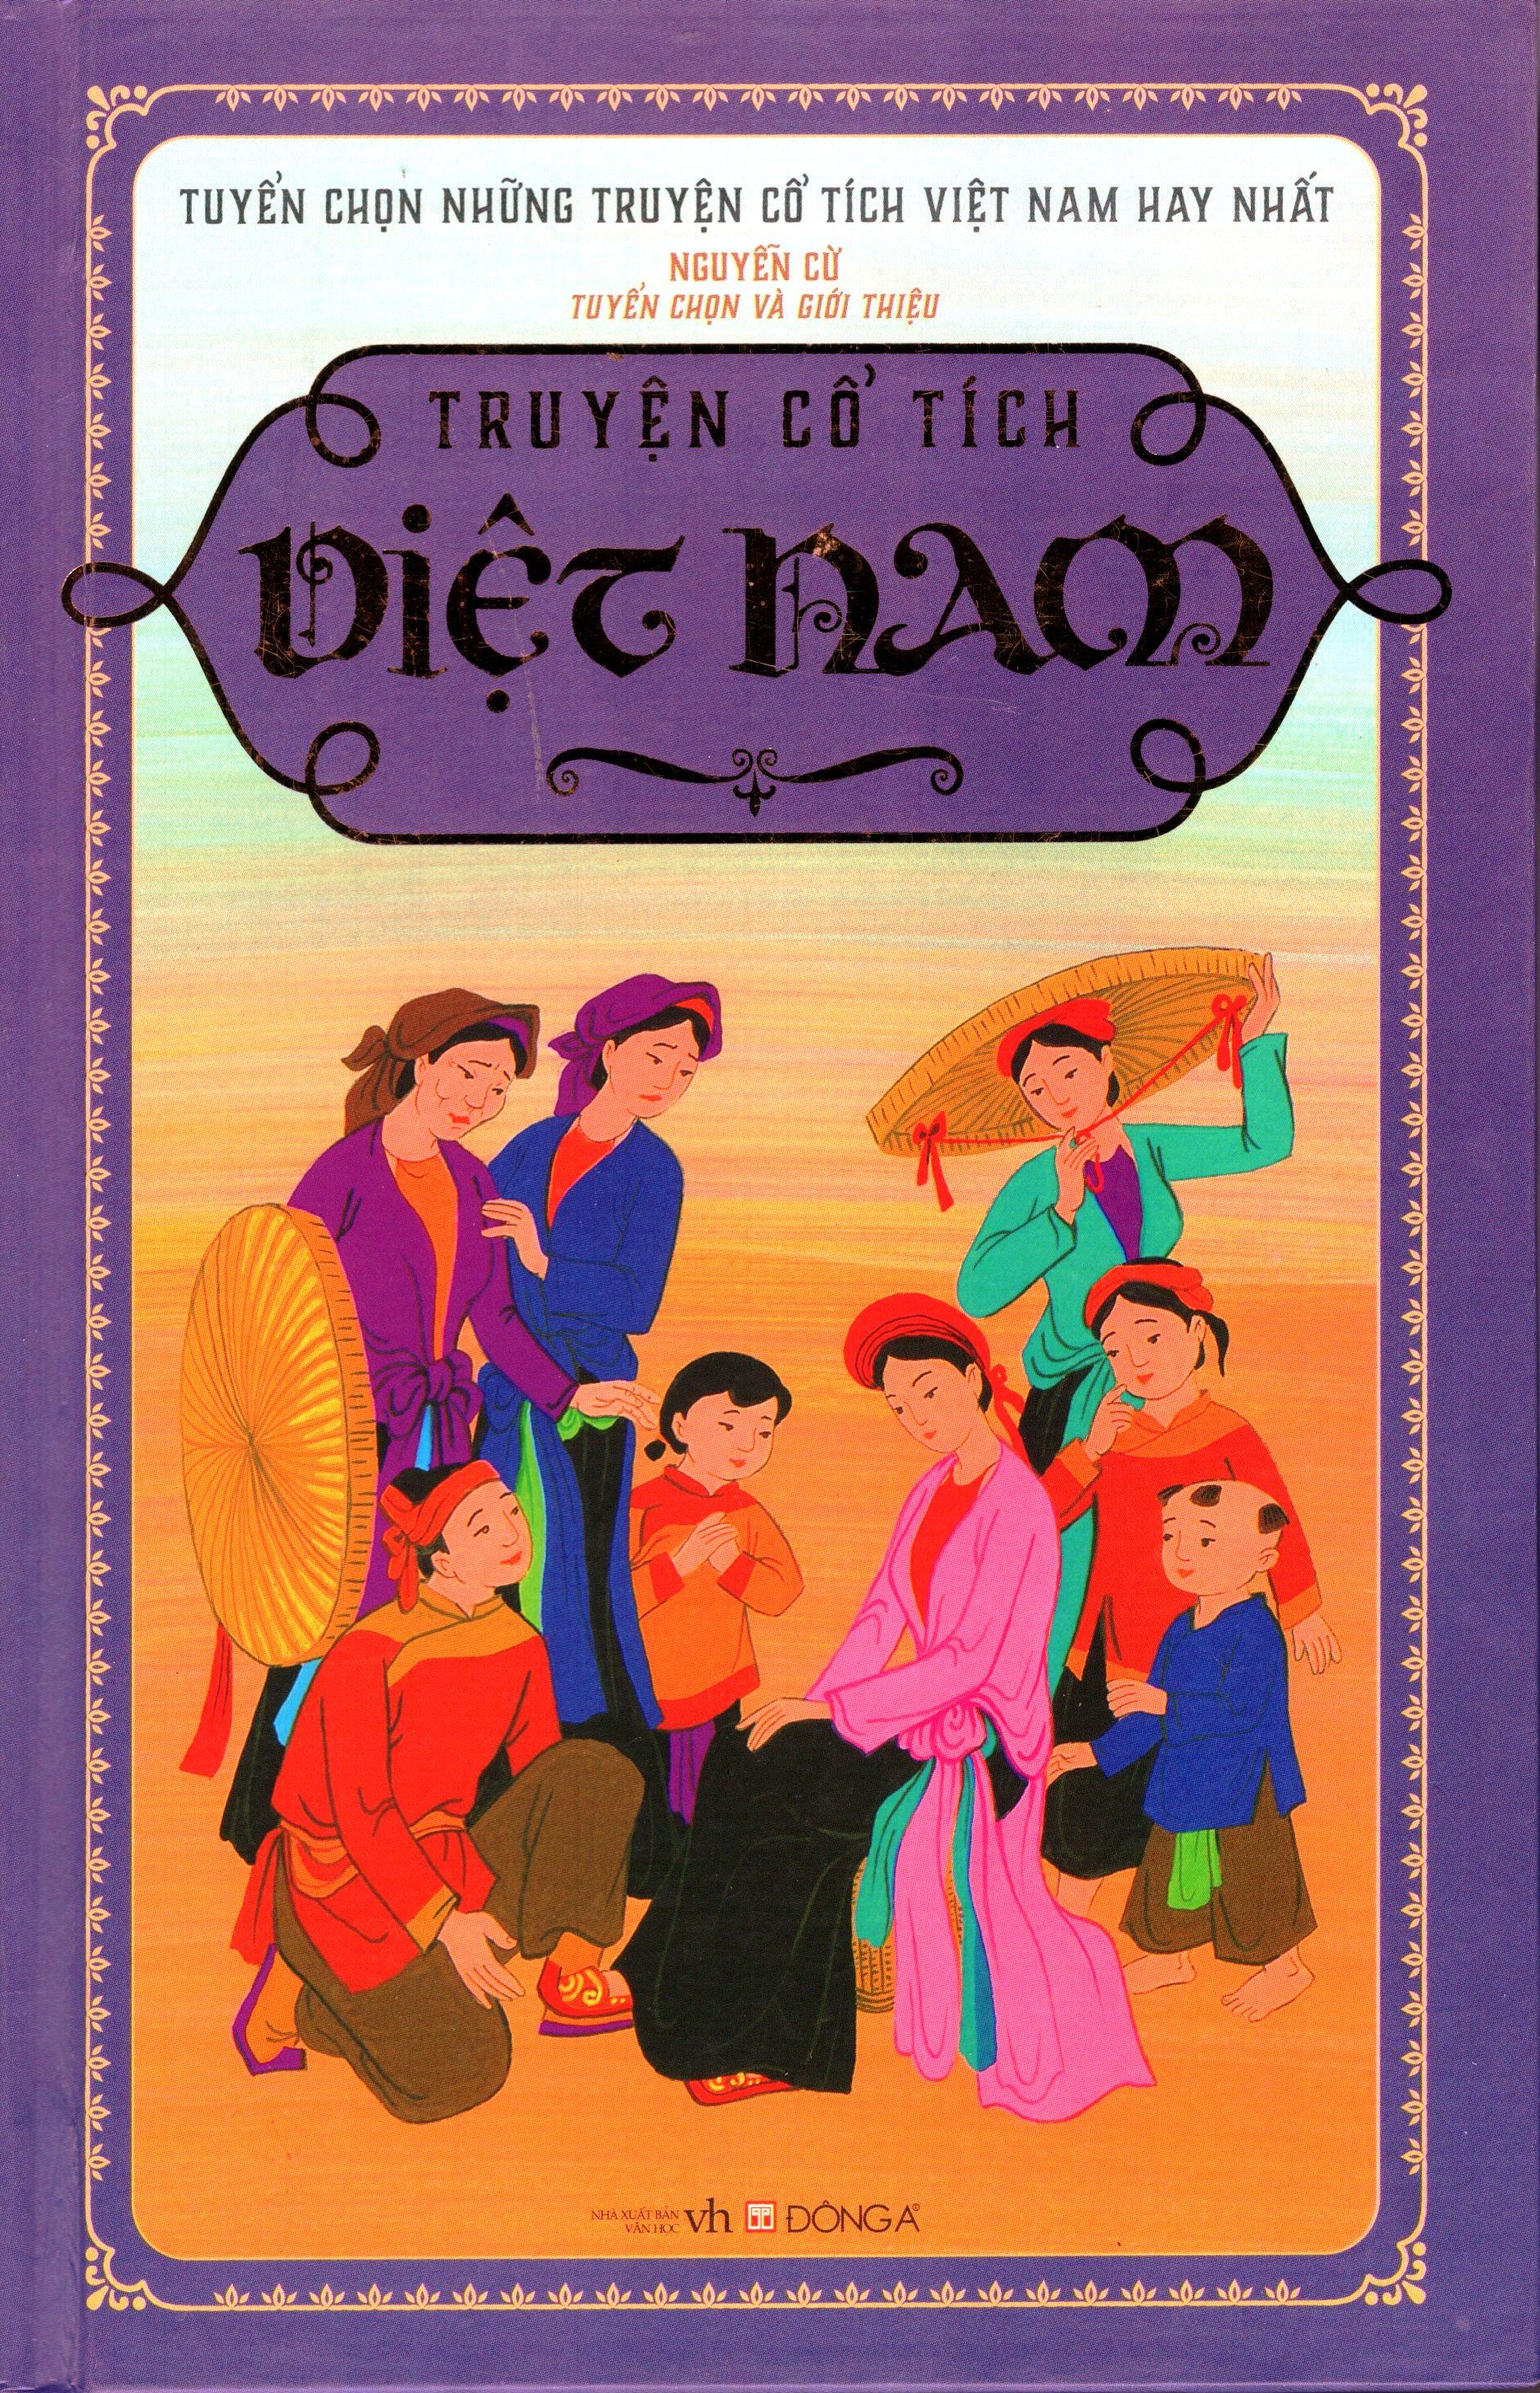 Bìa sách Truyện Cổ Tích Việt Nam